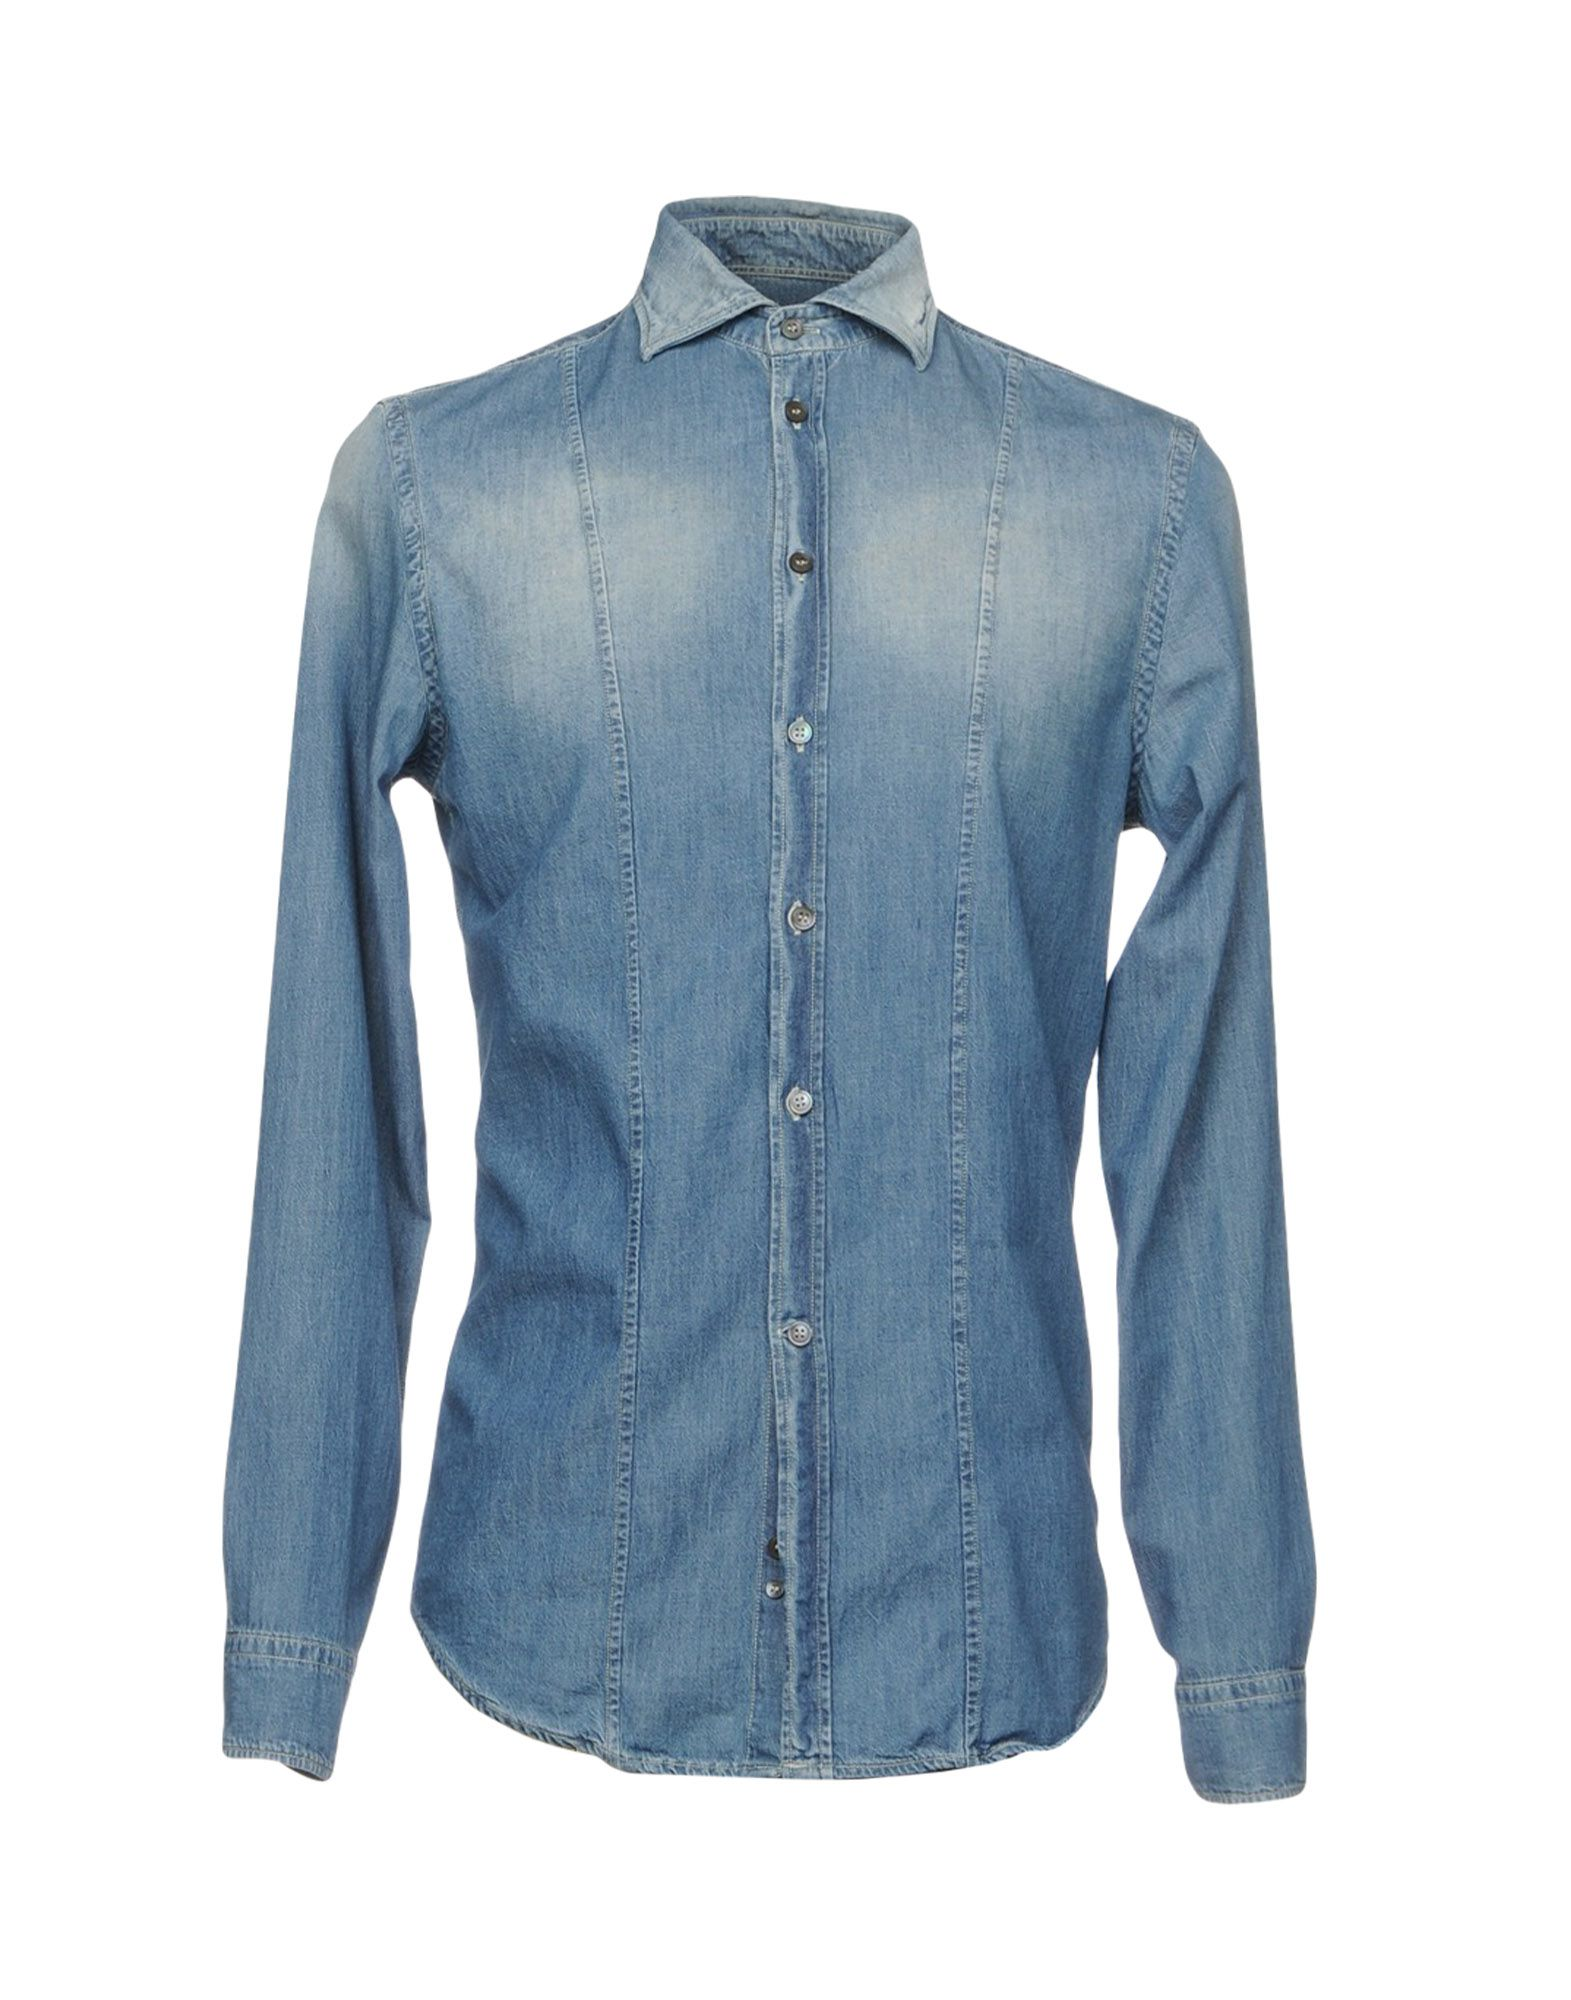 OBVIOUS BASIC Джинсовая рубашка